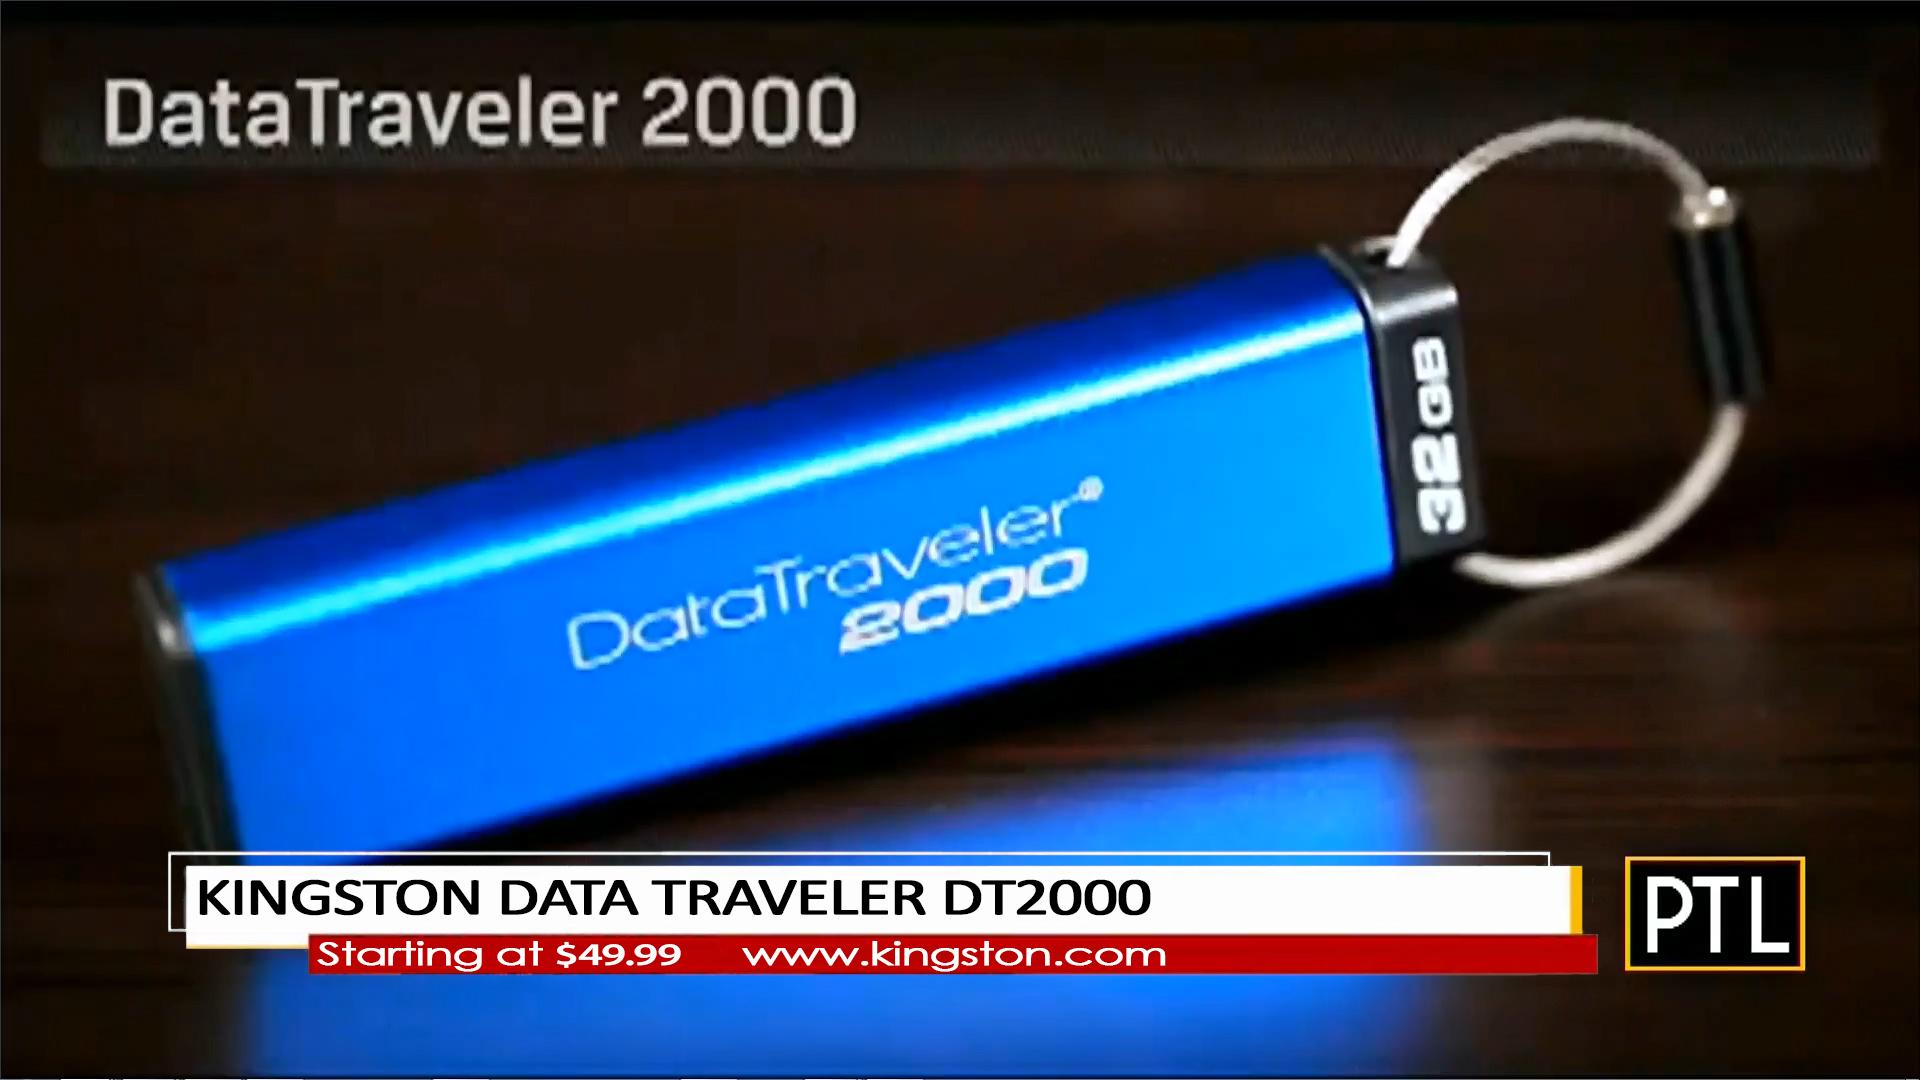 KINGSTON DATA TRAVELER DT2000 - Starting at $ 49.99Shop Now